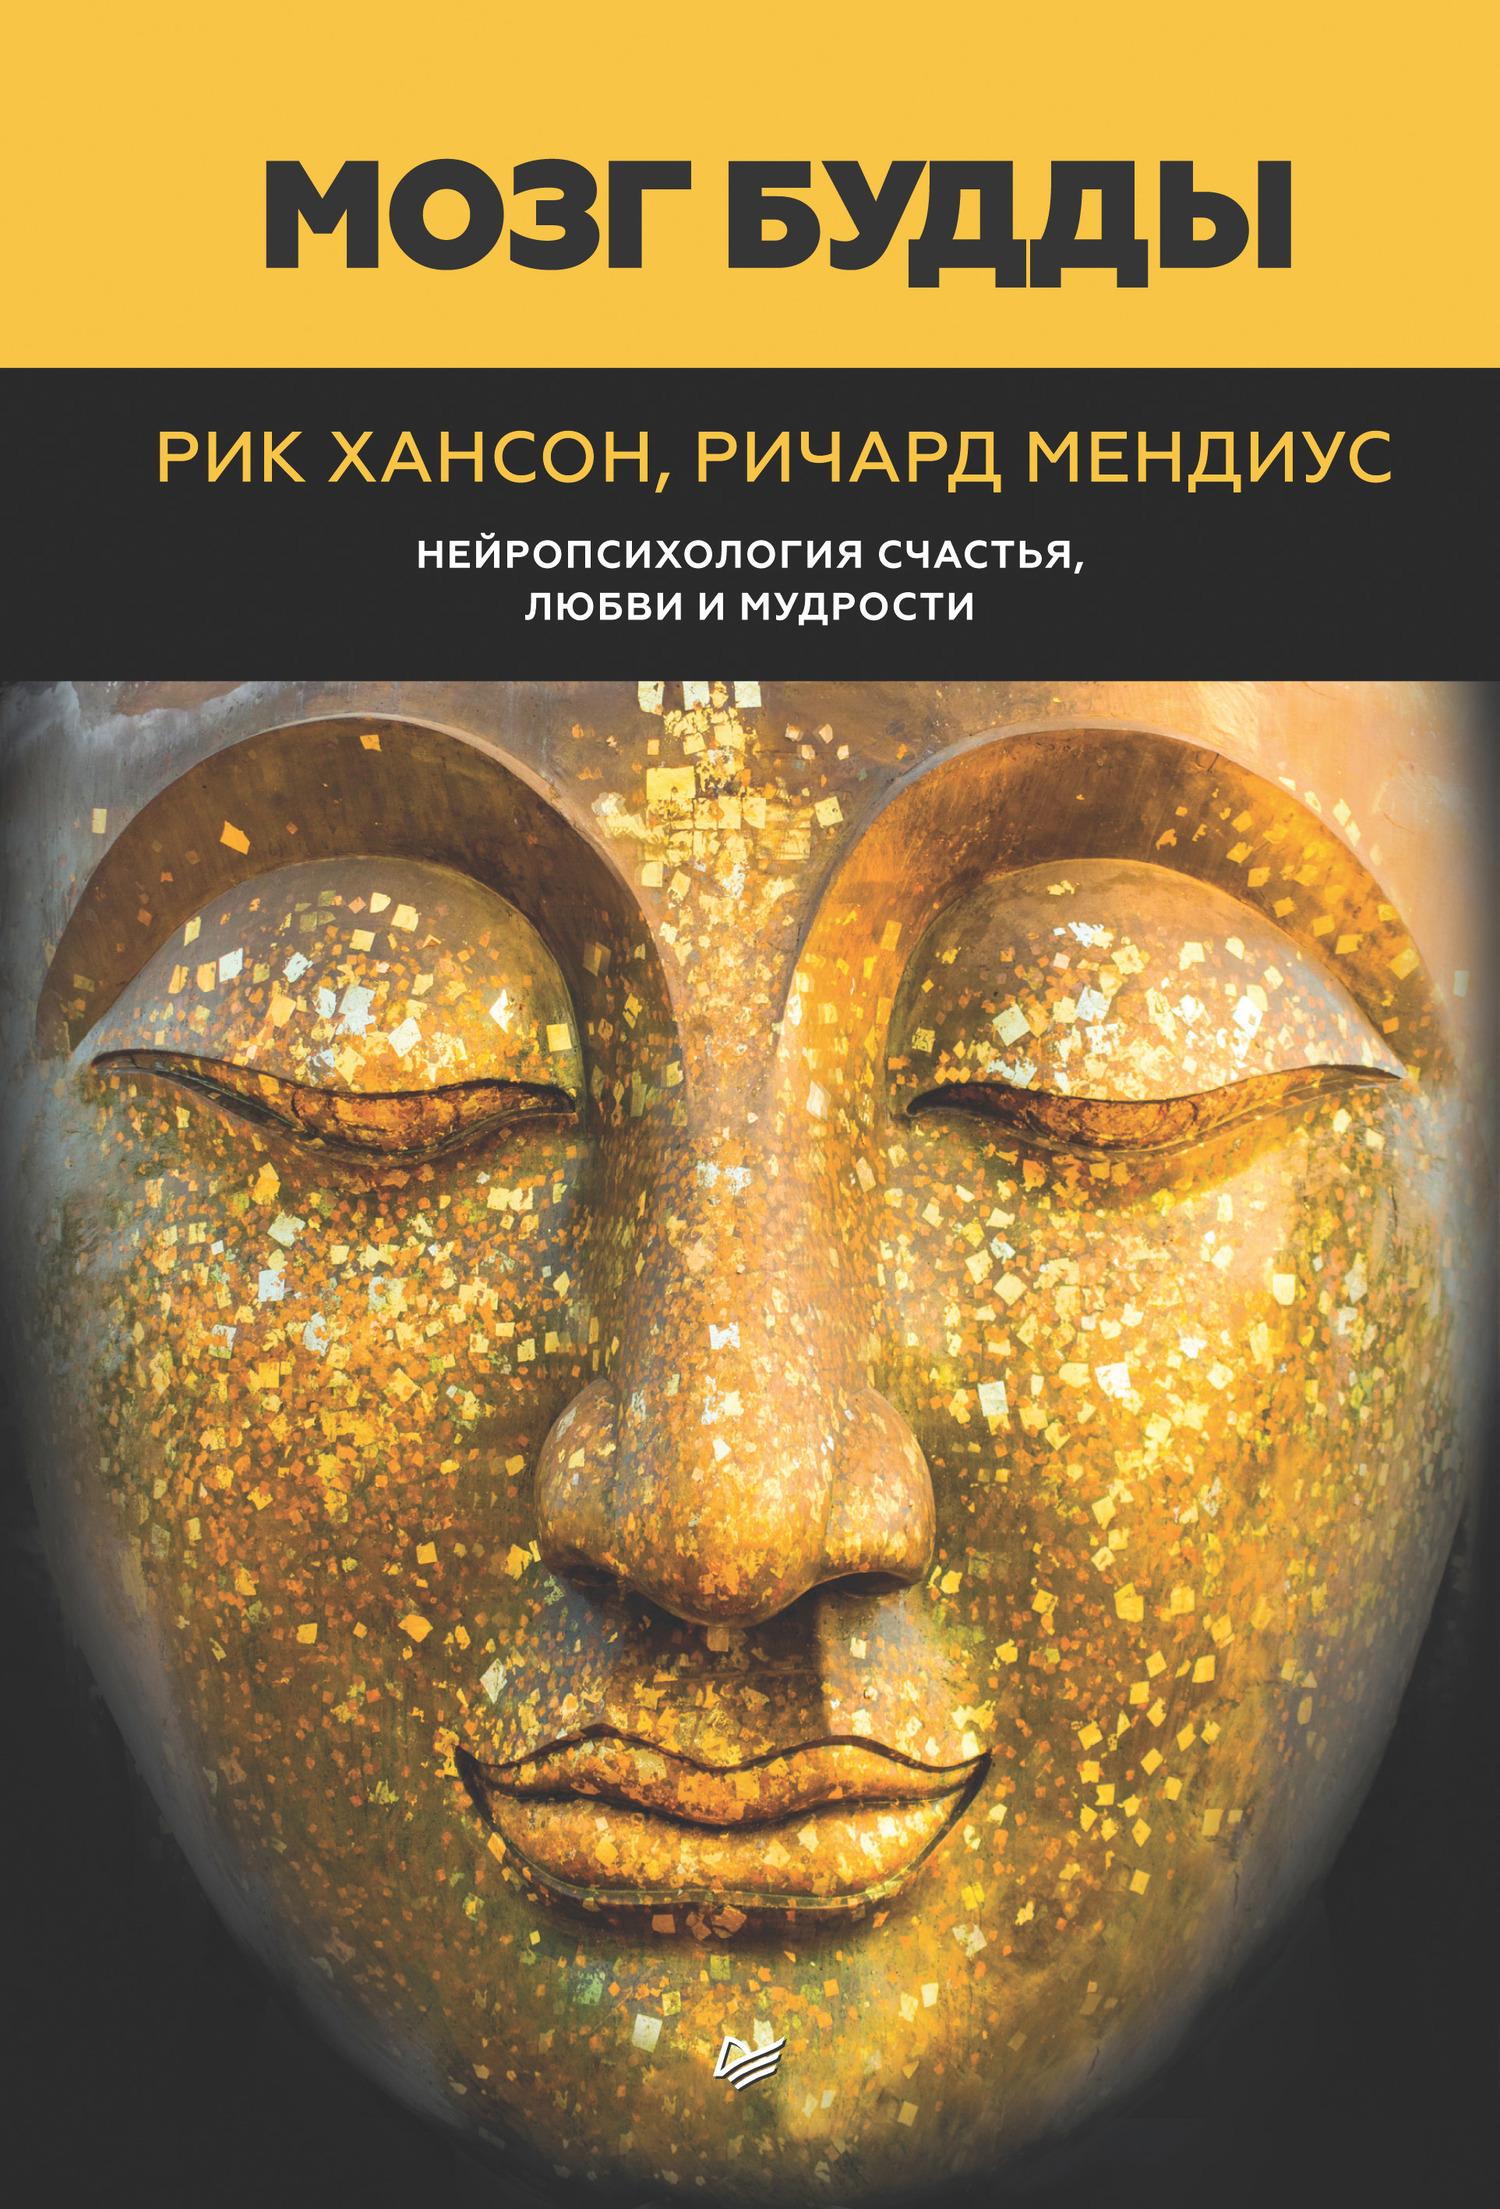 Рик Хансон Мозг Будды: нейропсихология счастья, любви и мудрости йонге мингьюр ринпоче будда мозг и нейрофизиология счастья как изменить жизнь к лучшему